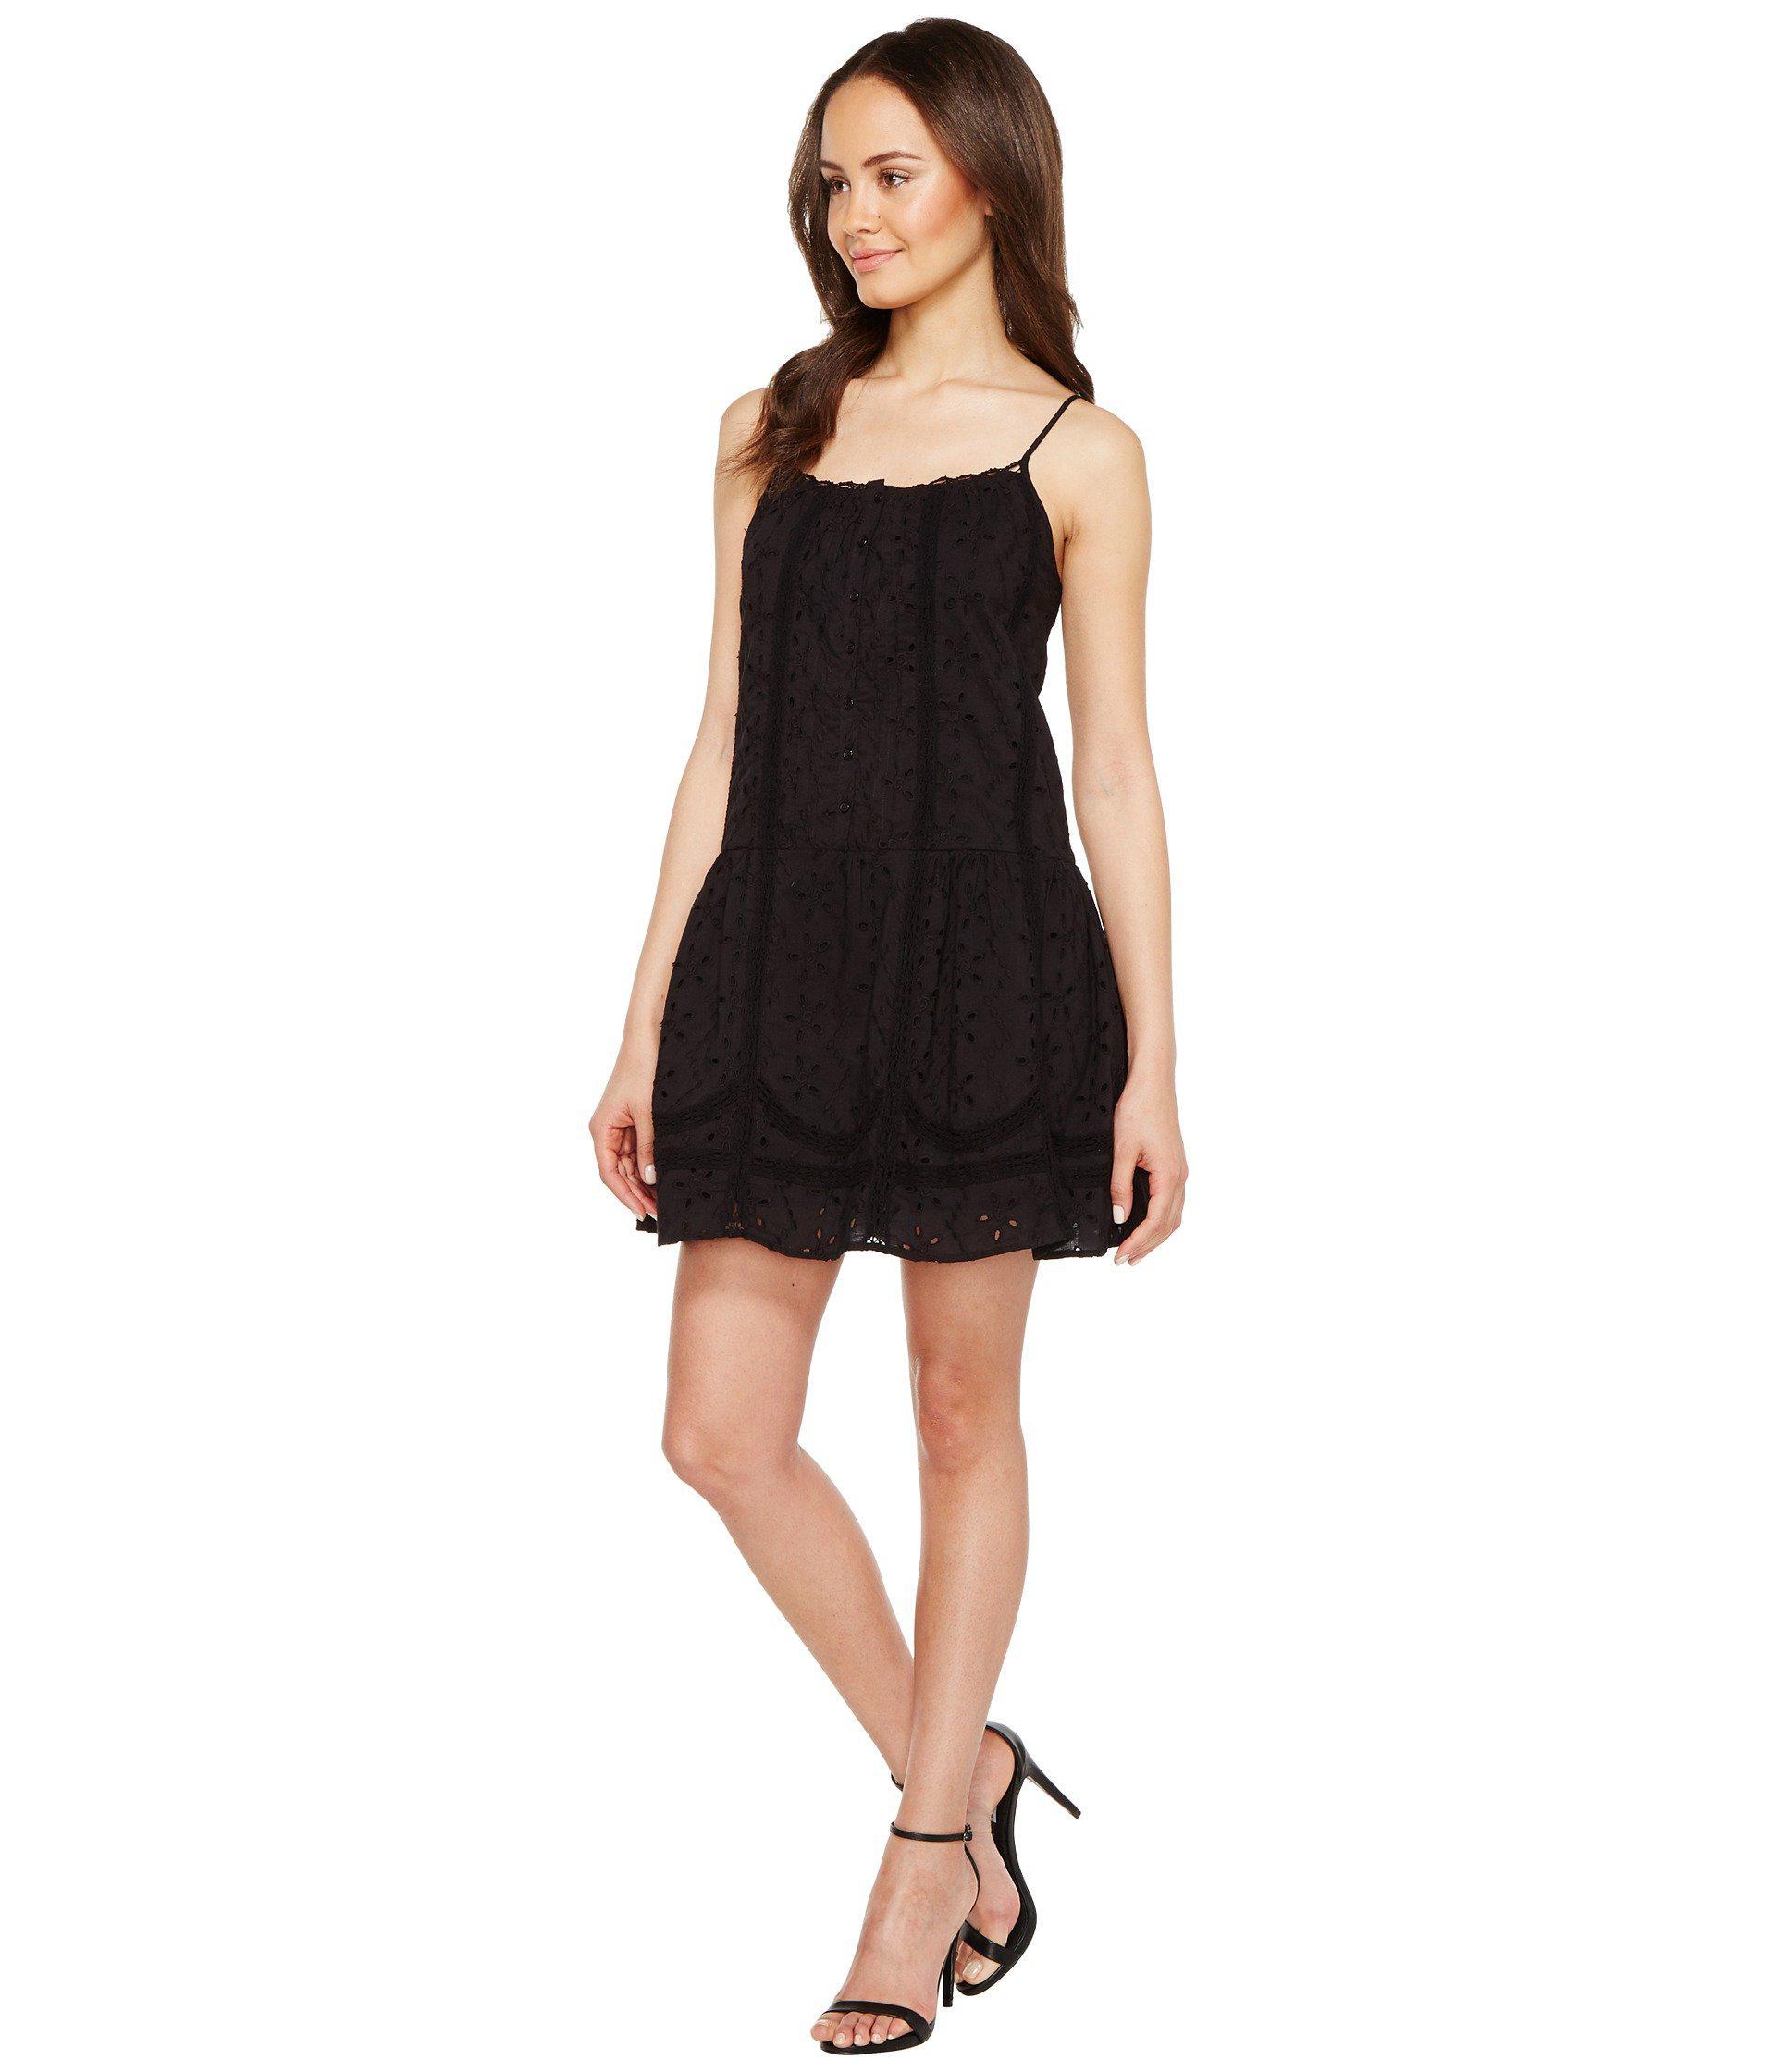 980ba8582fb1 Lyst - Joie Austen in Black - Save 57%